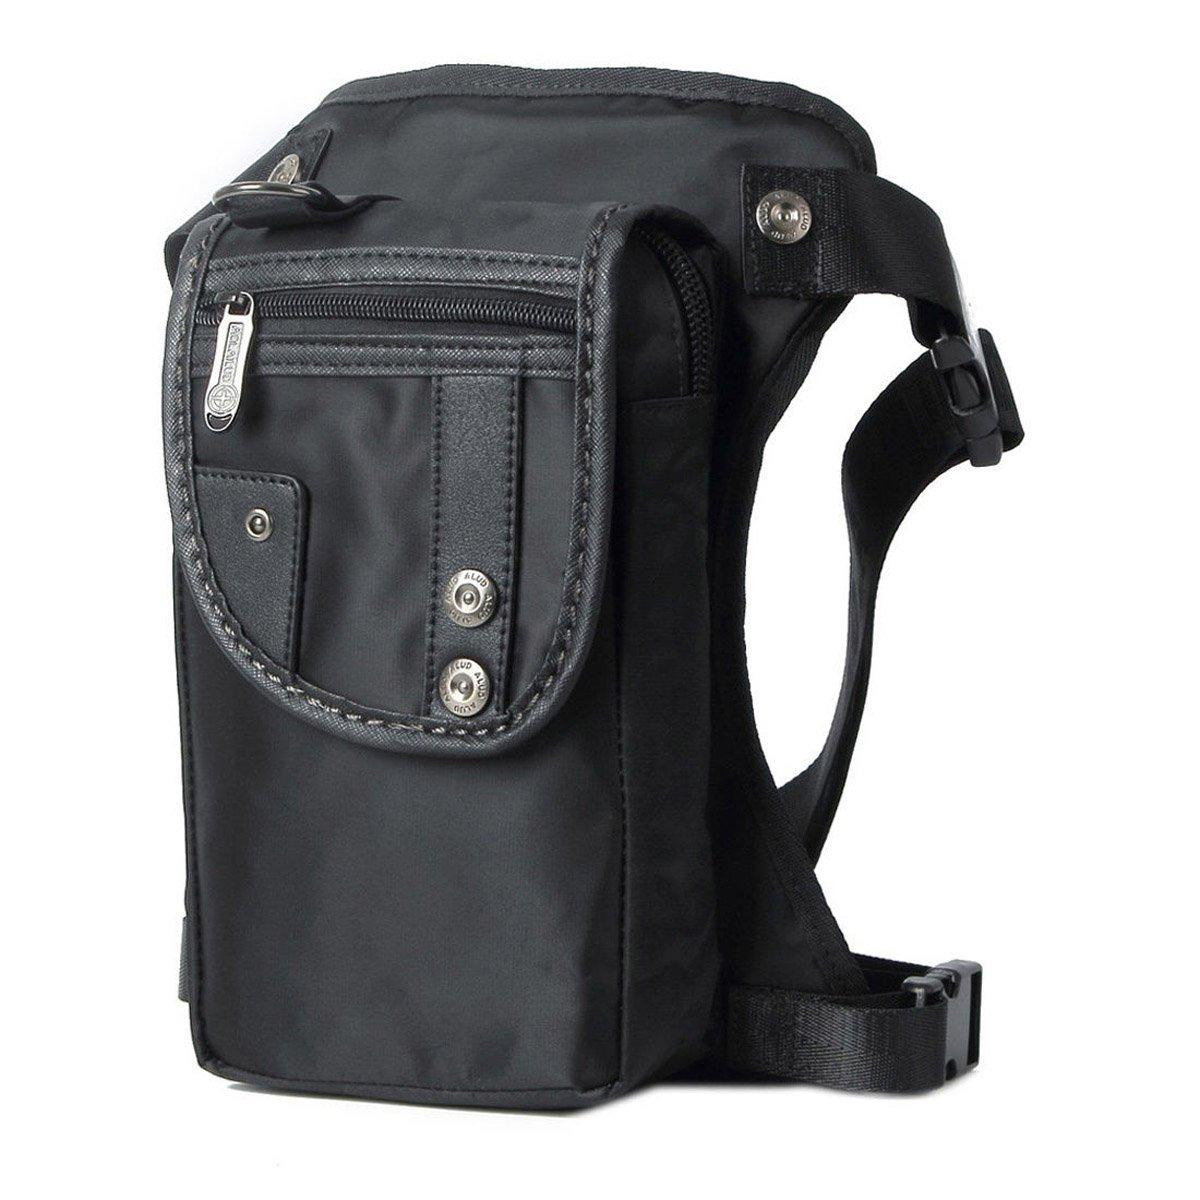 Gota bolsa de pierna cintura Fanny paquetes para motocicleta Steampunk disfraz al aire libre Tatical negro Dream